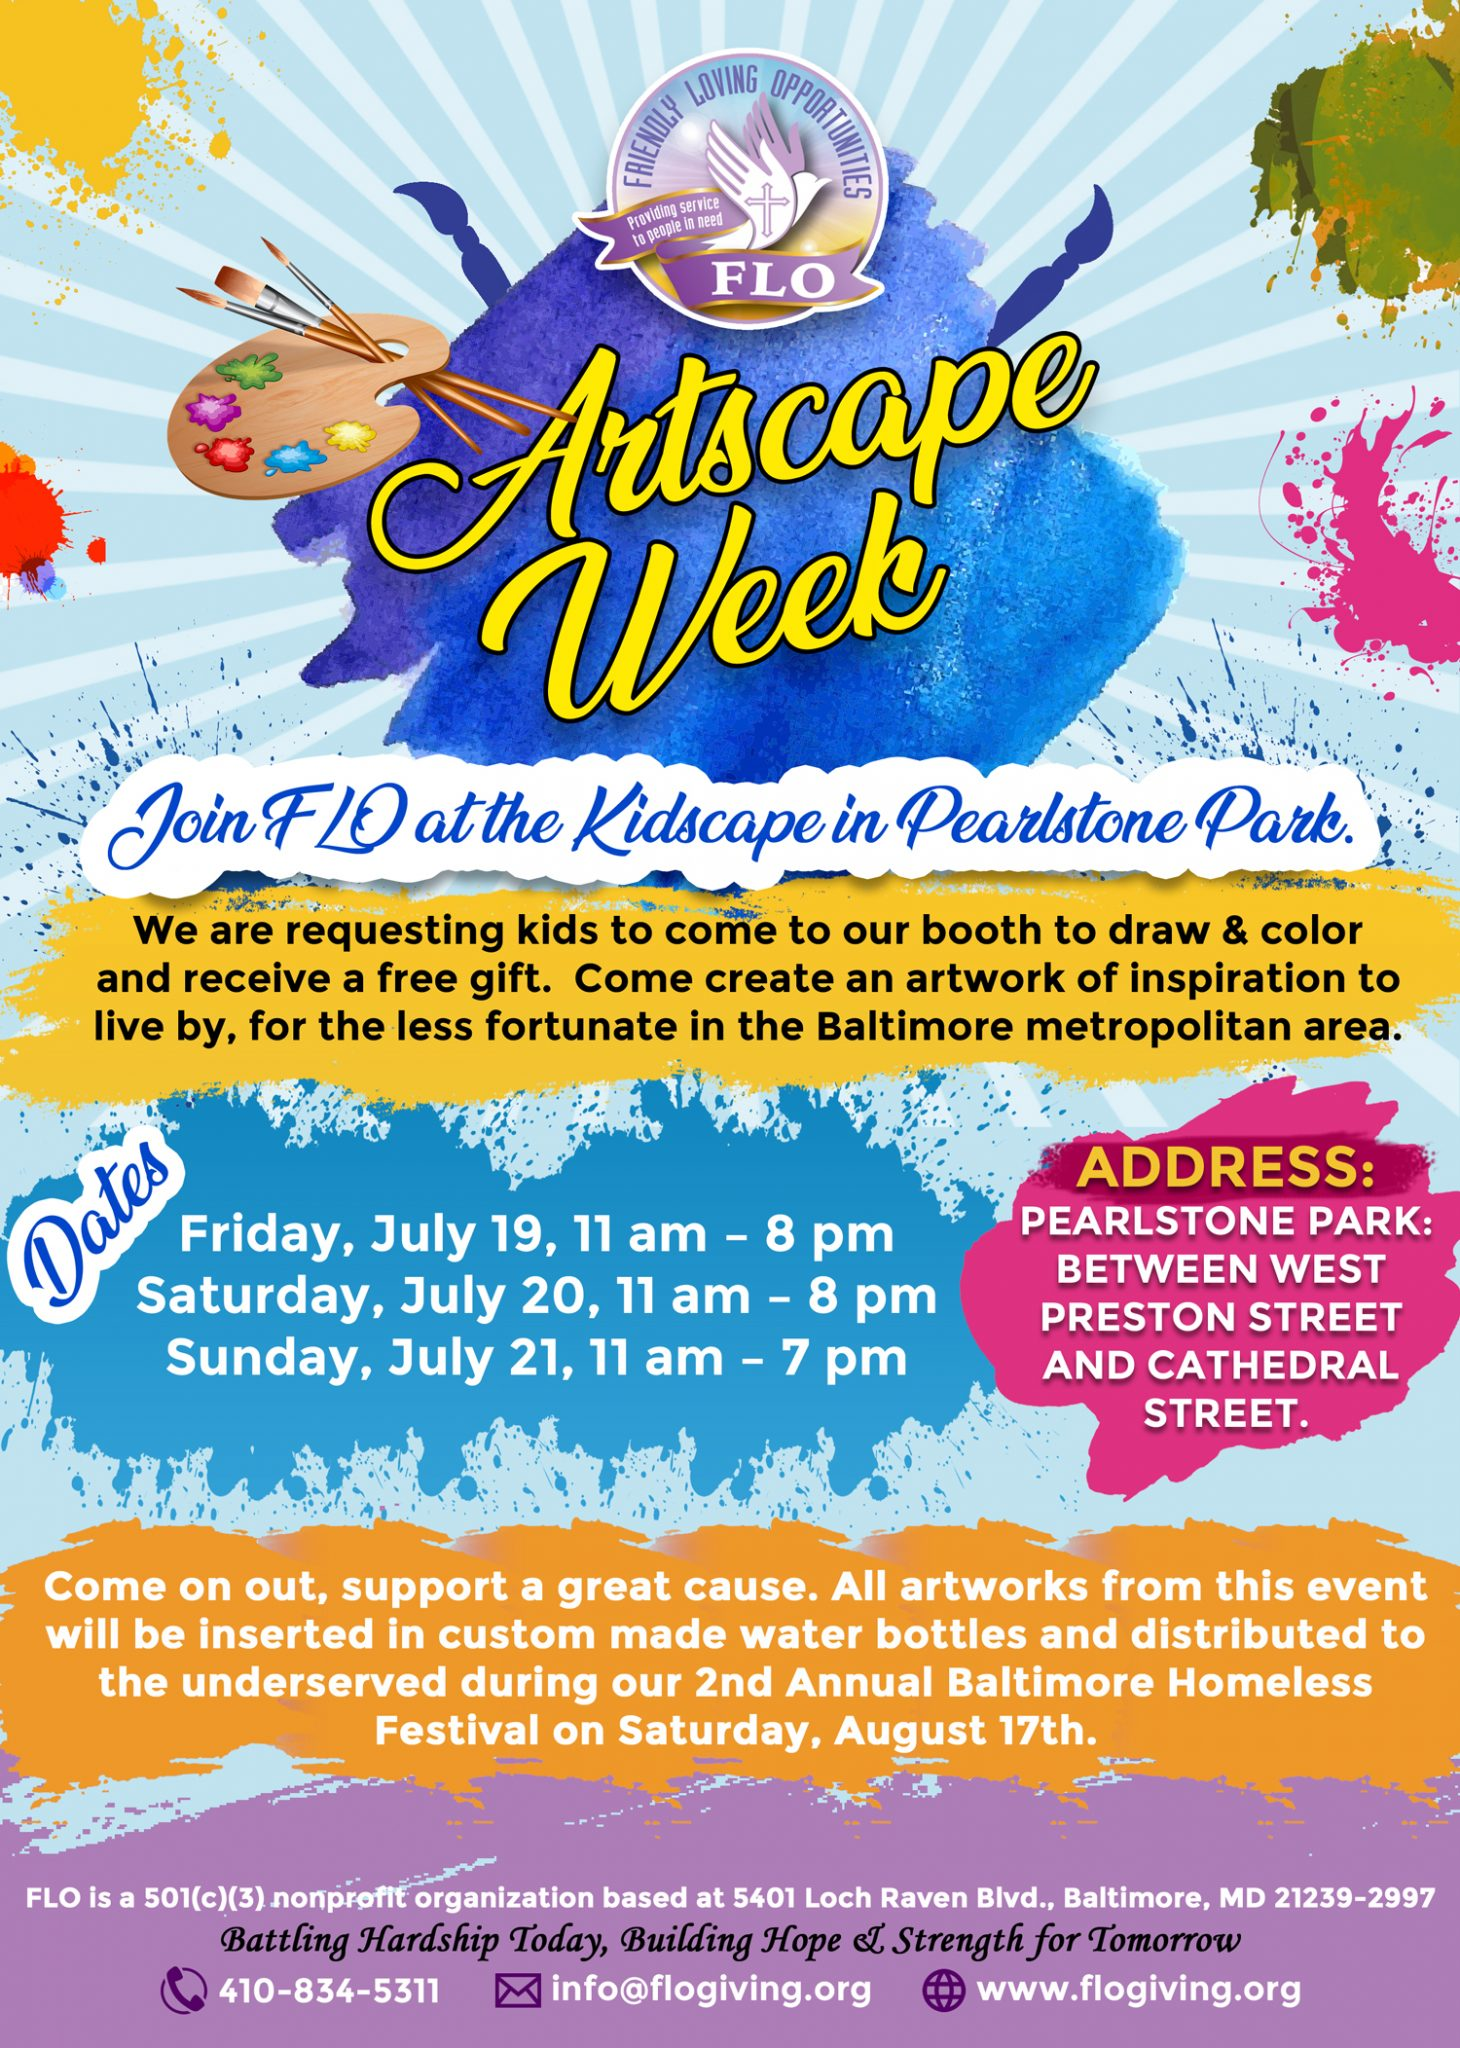 Artscape-Week-5-1460×2048